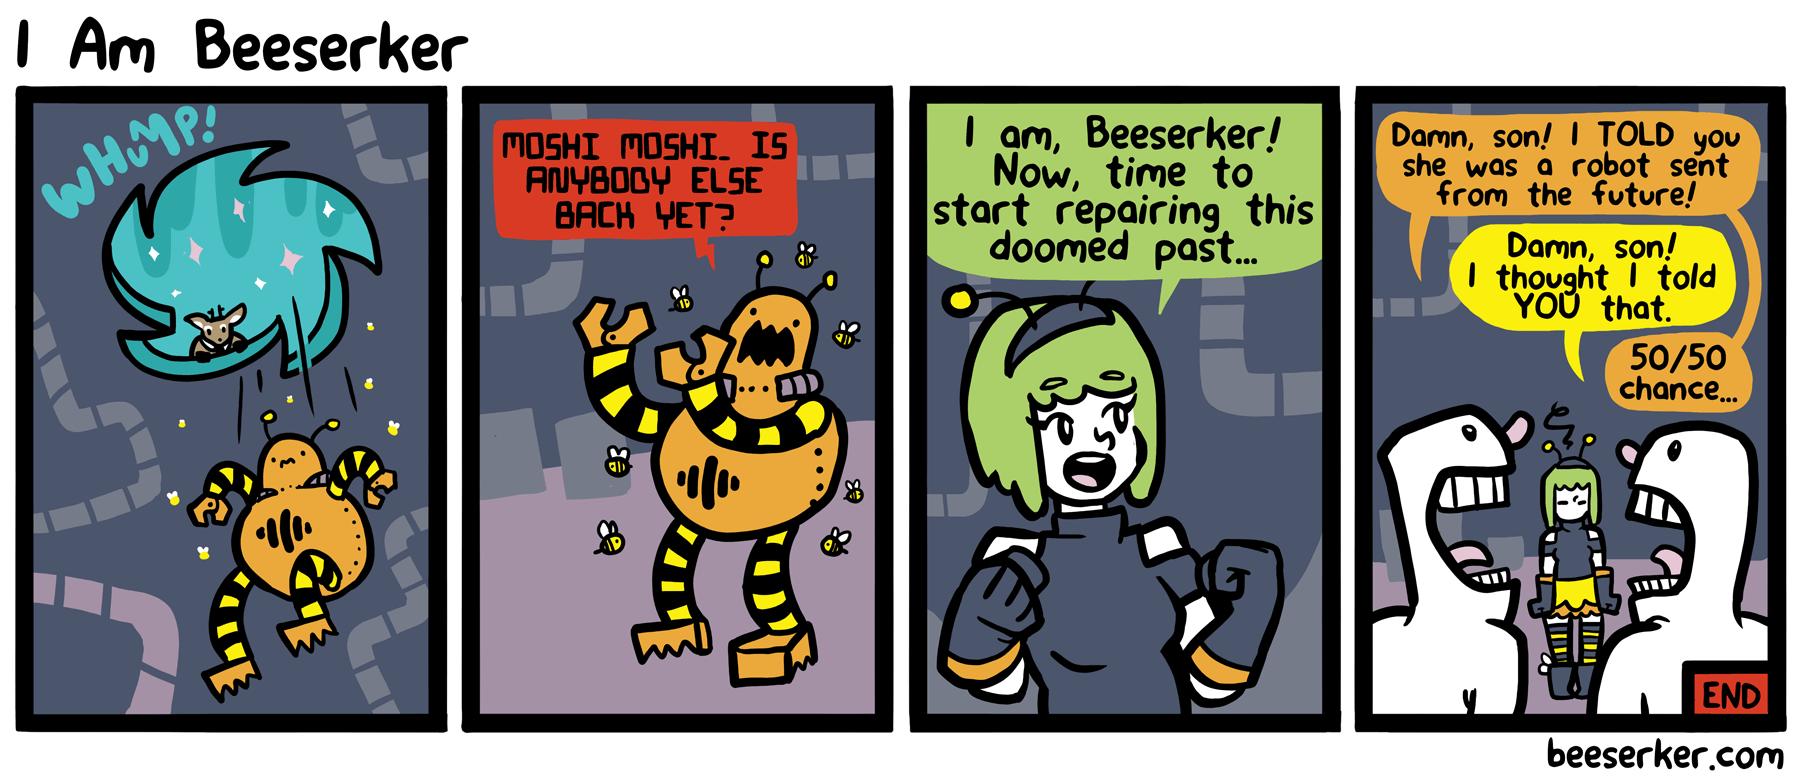 I Am Beeserker